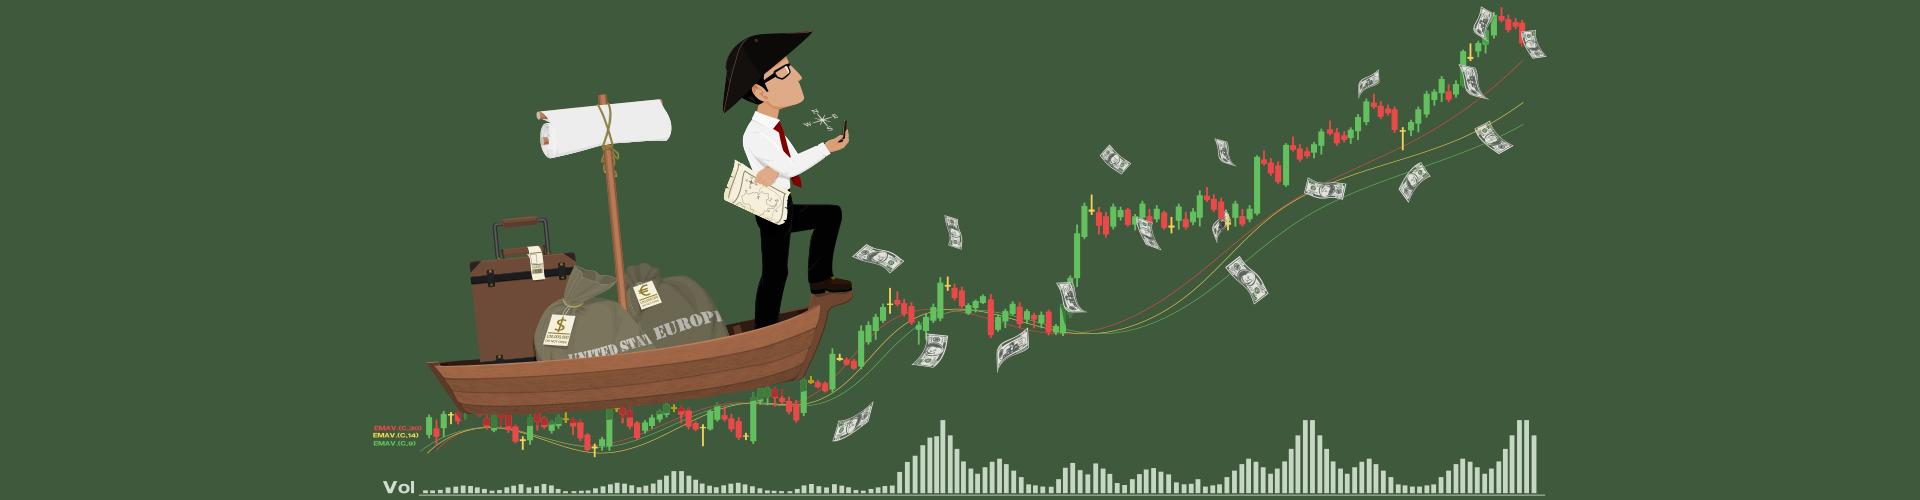 Kursverlauf und Volumen eines EURUSD-Marktes. Trading Performance